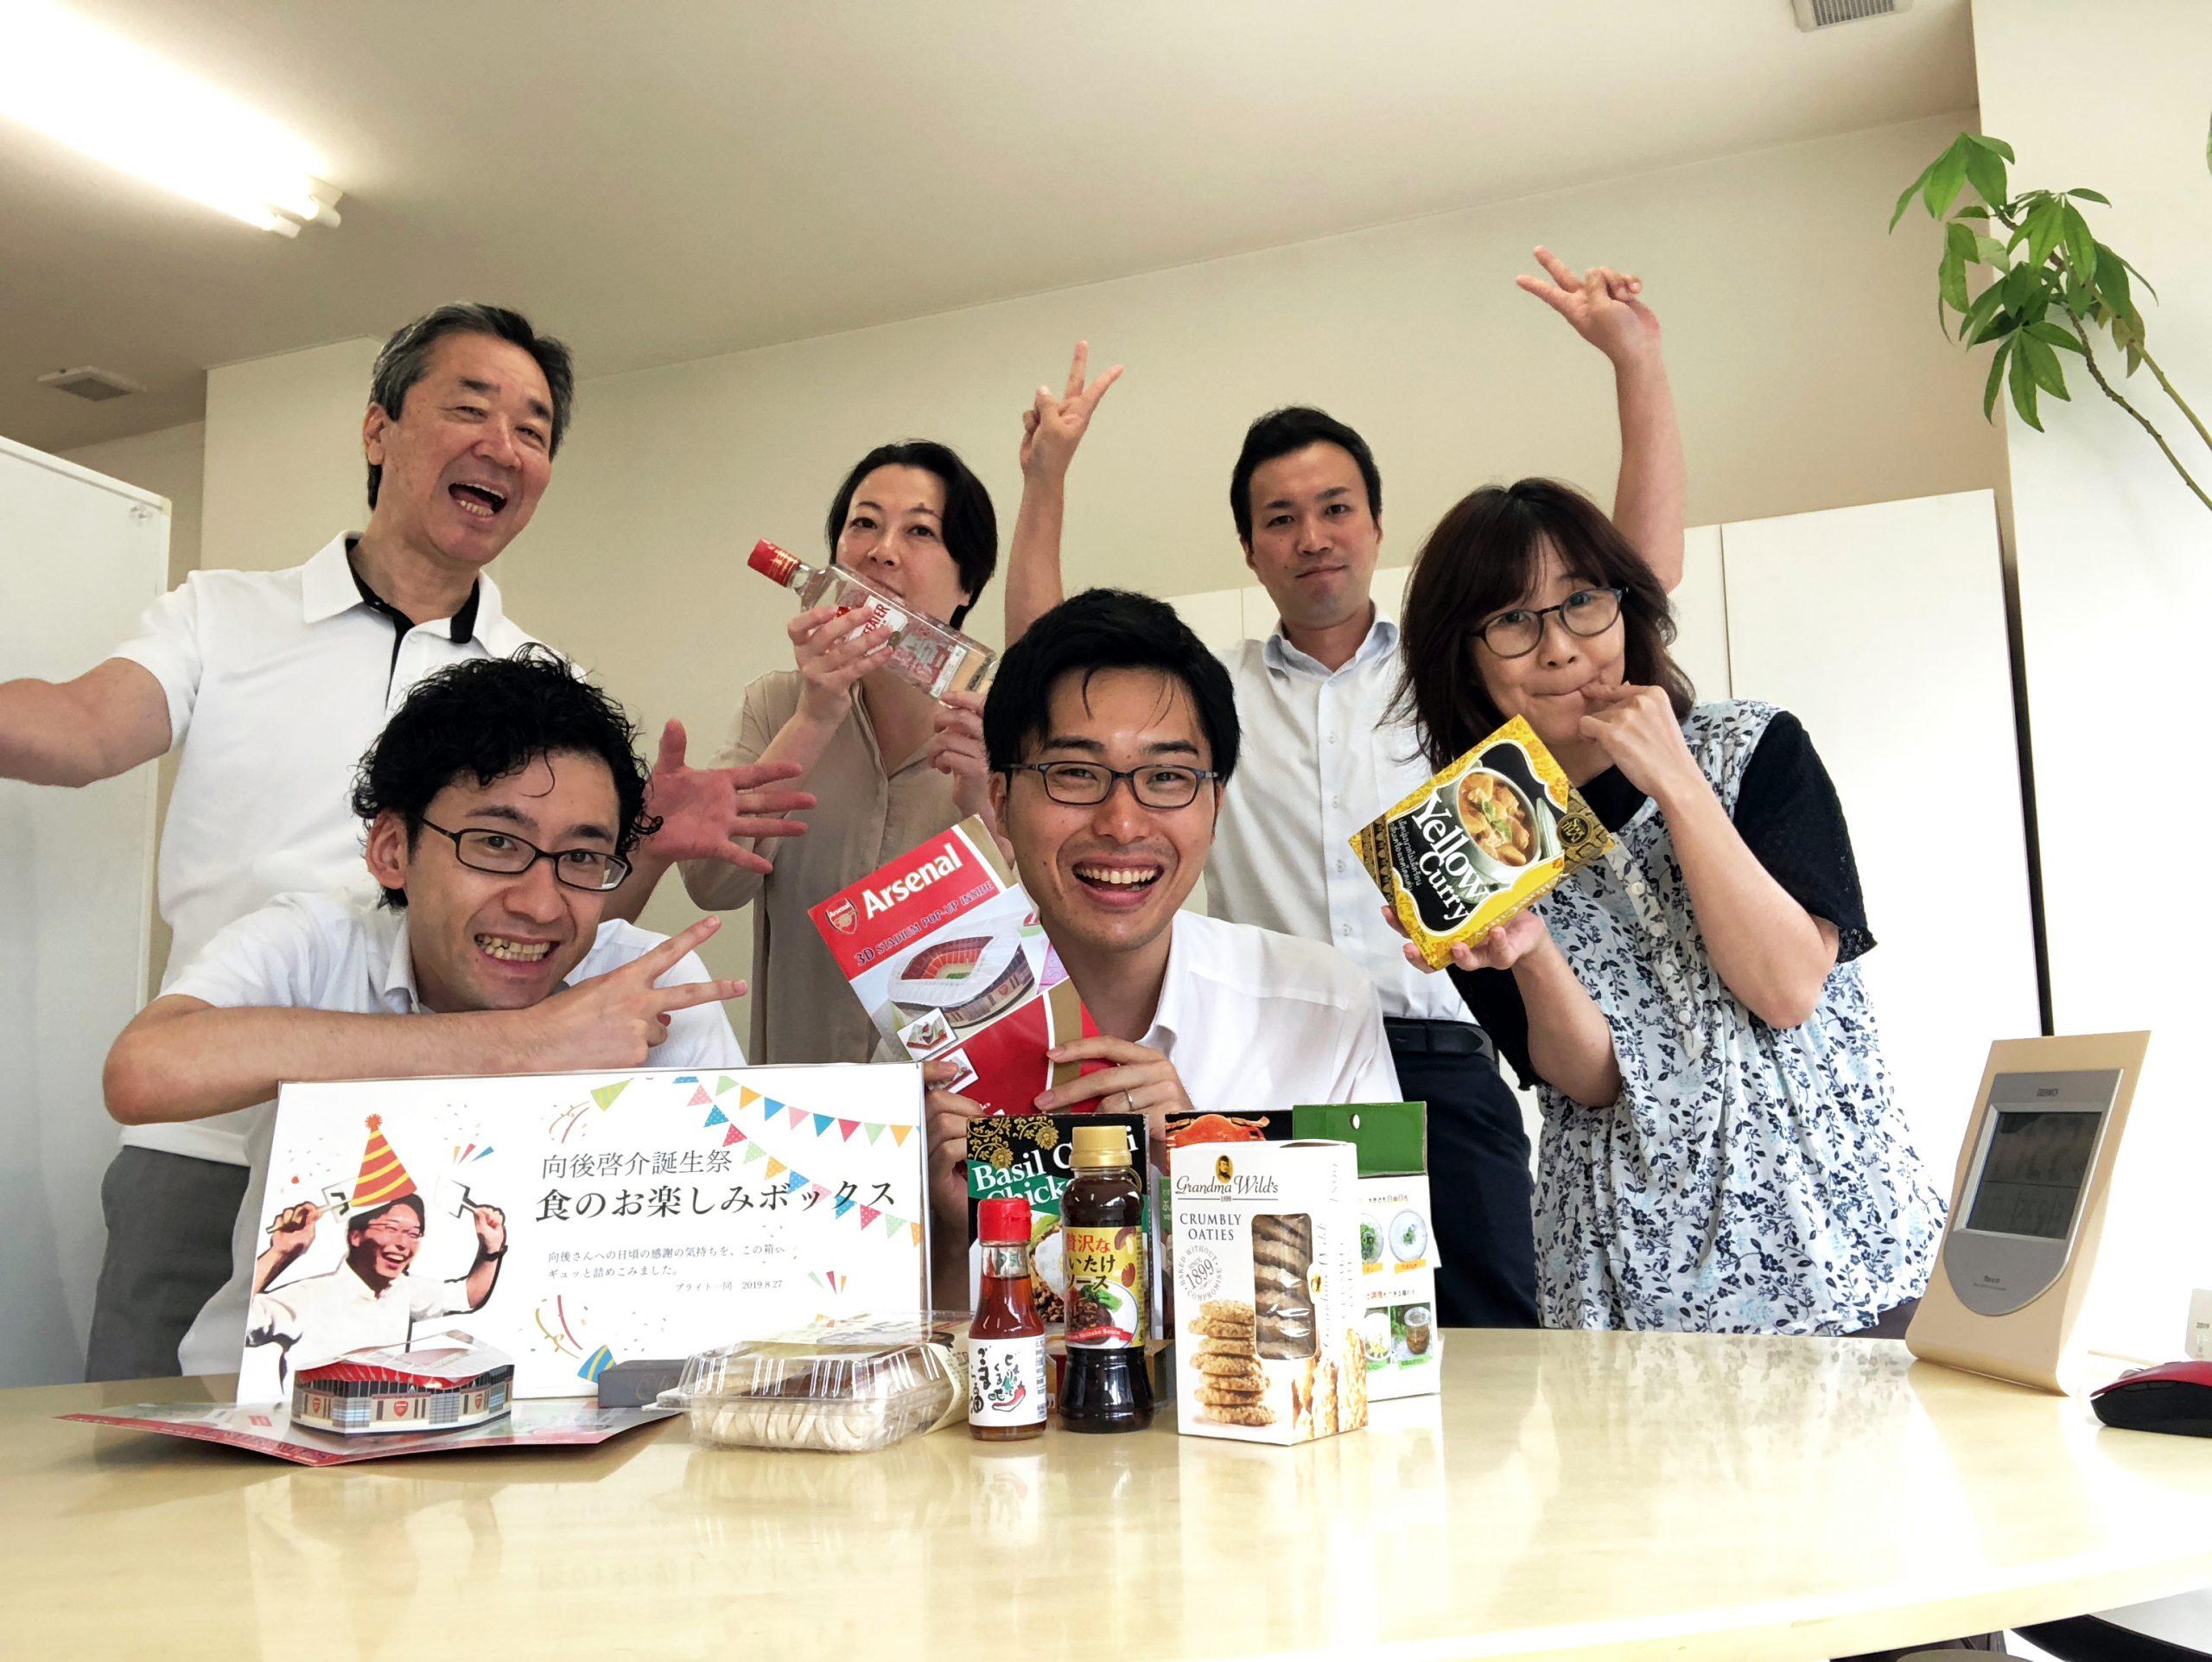 誕生日を祝うメンバー6人の集合写真